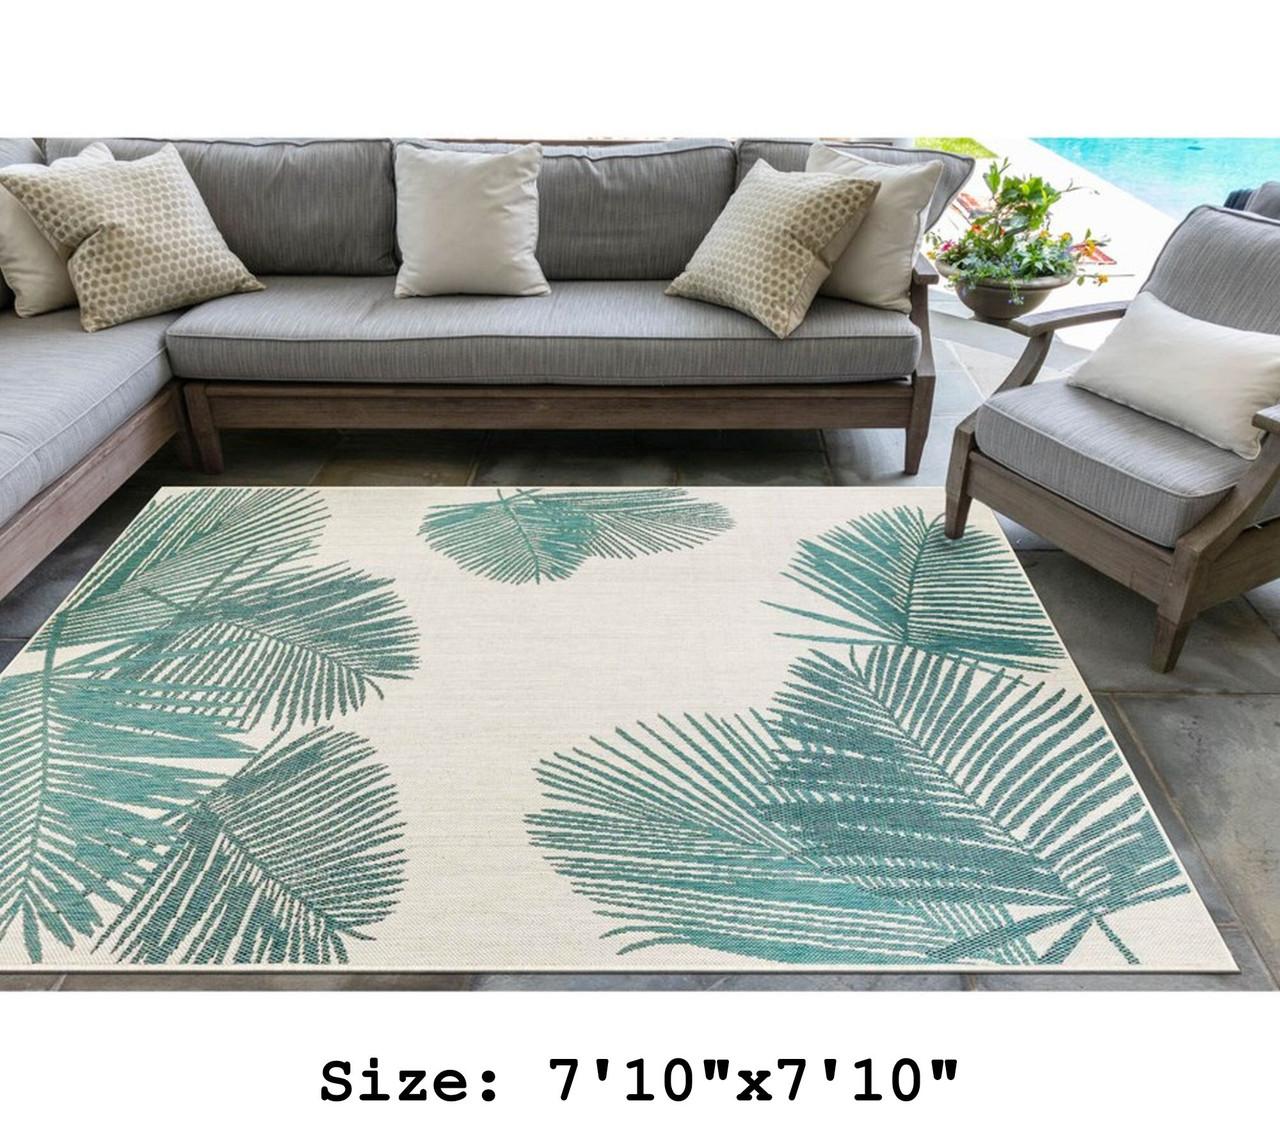 Aqua Carmel Palm Leaf Indoor/Outdoor Rug - Square